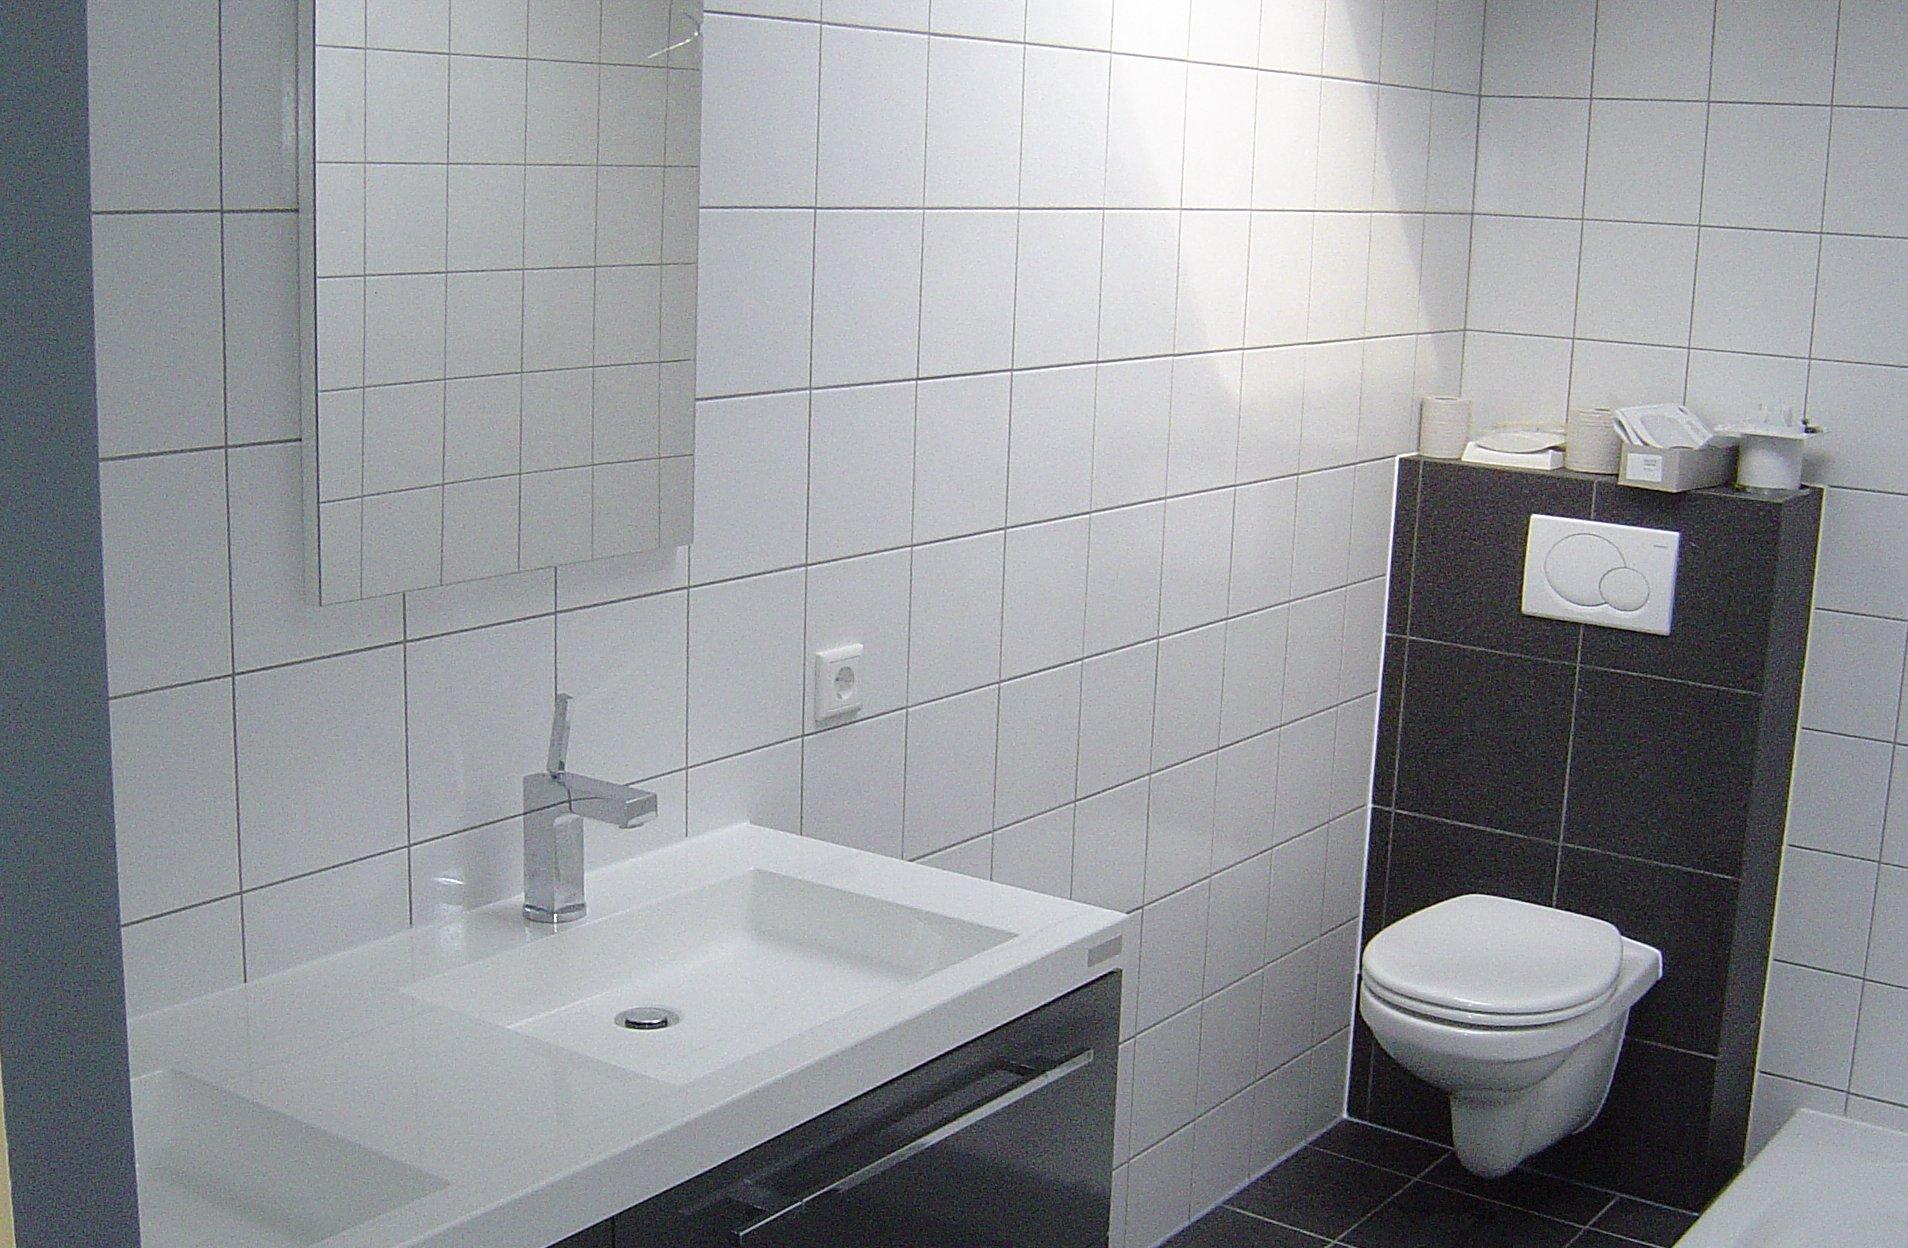 Badkamer En Toilet : Badkamer en toilet renovatie lanting technische installaties